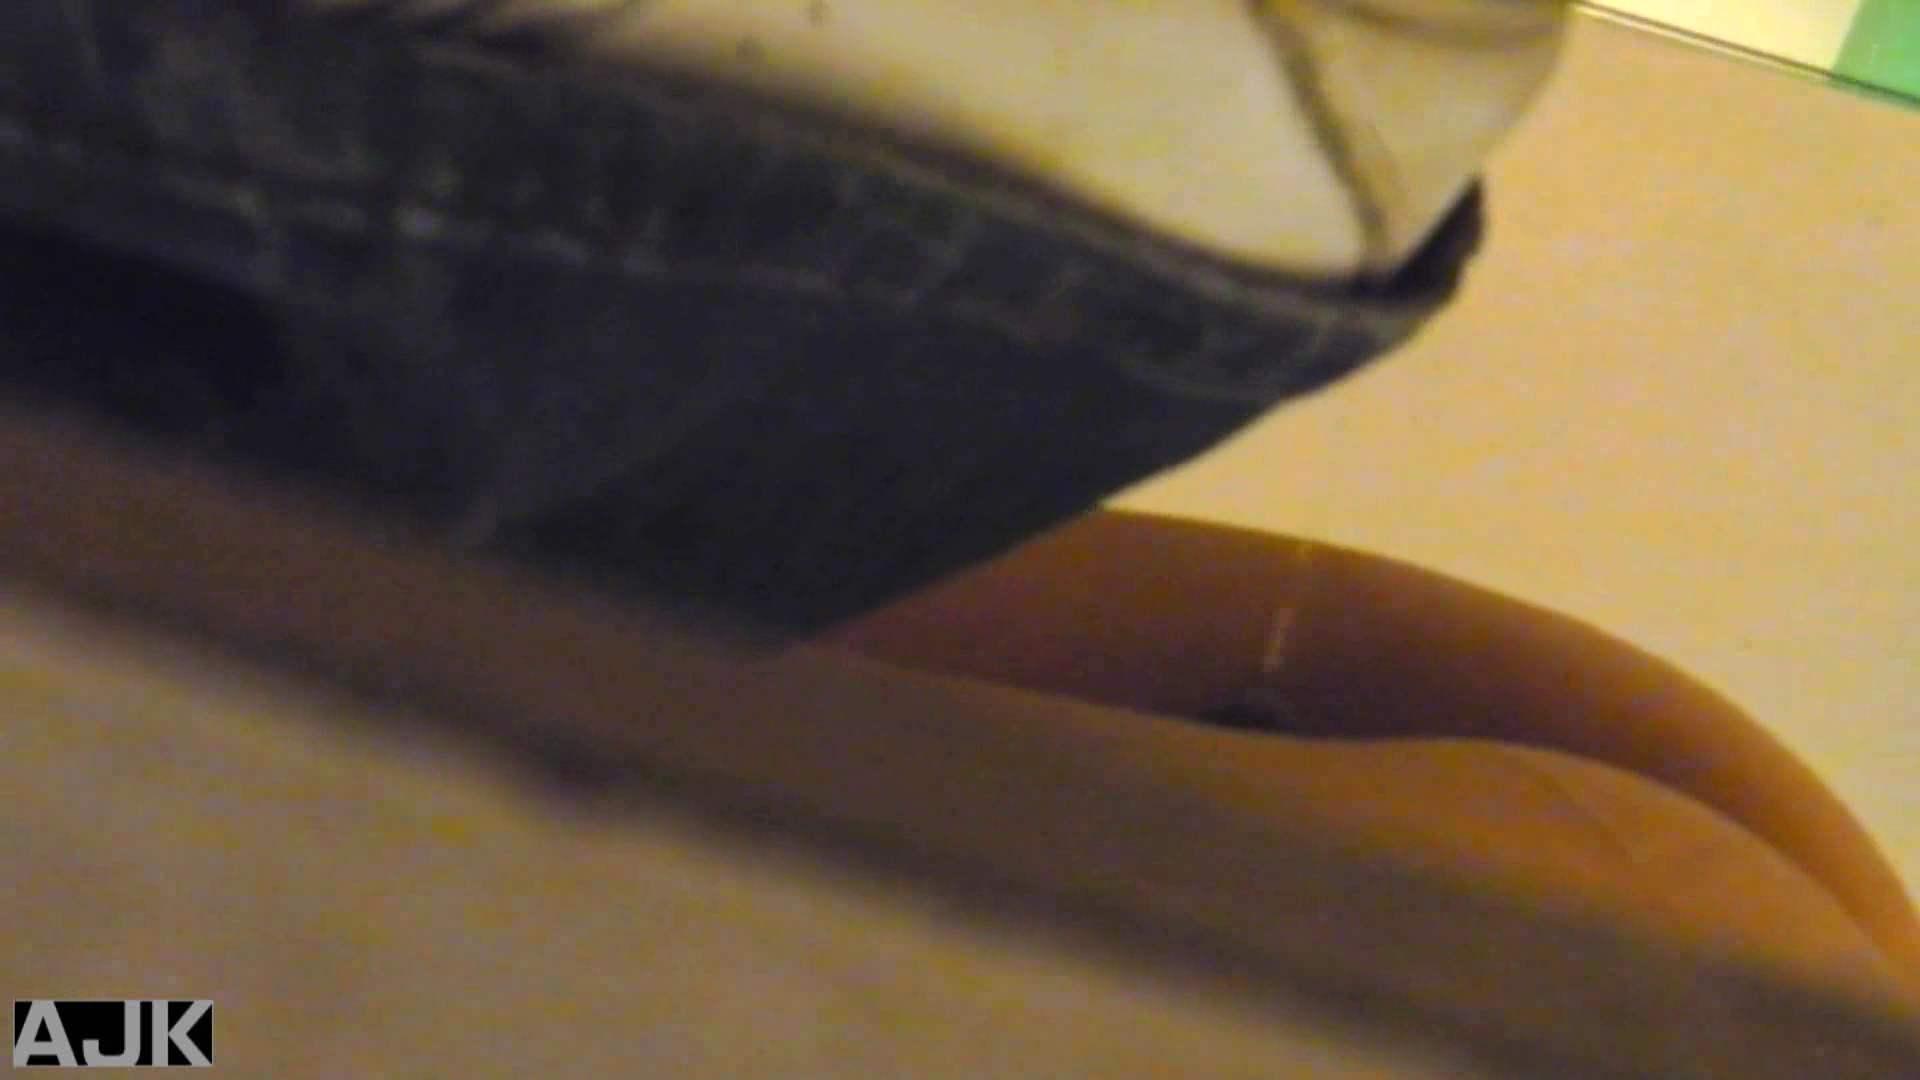 神降臨!史上最強の潜入かわや! vol.02 マンコエロすぎ われめAV動画紹介 90PIX 68